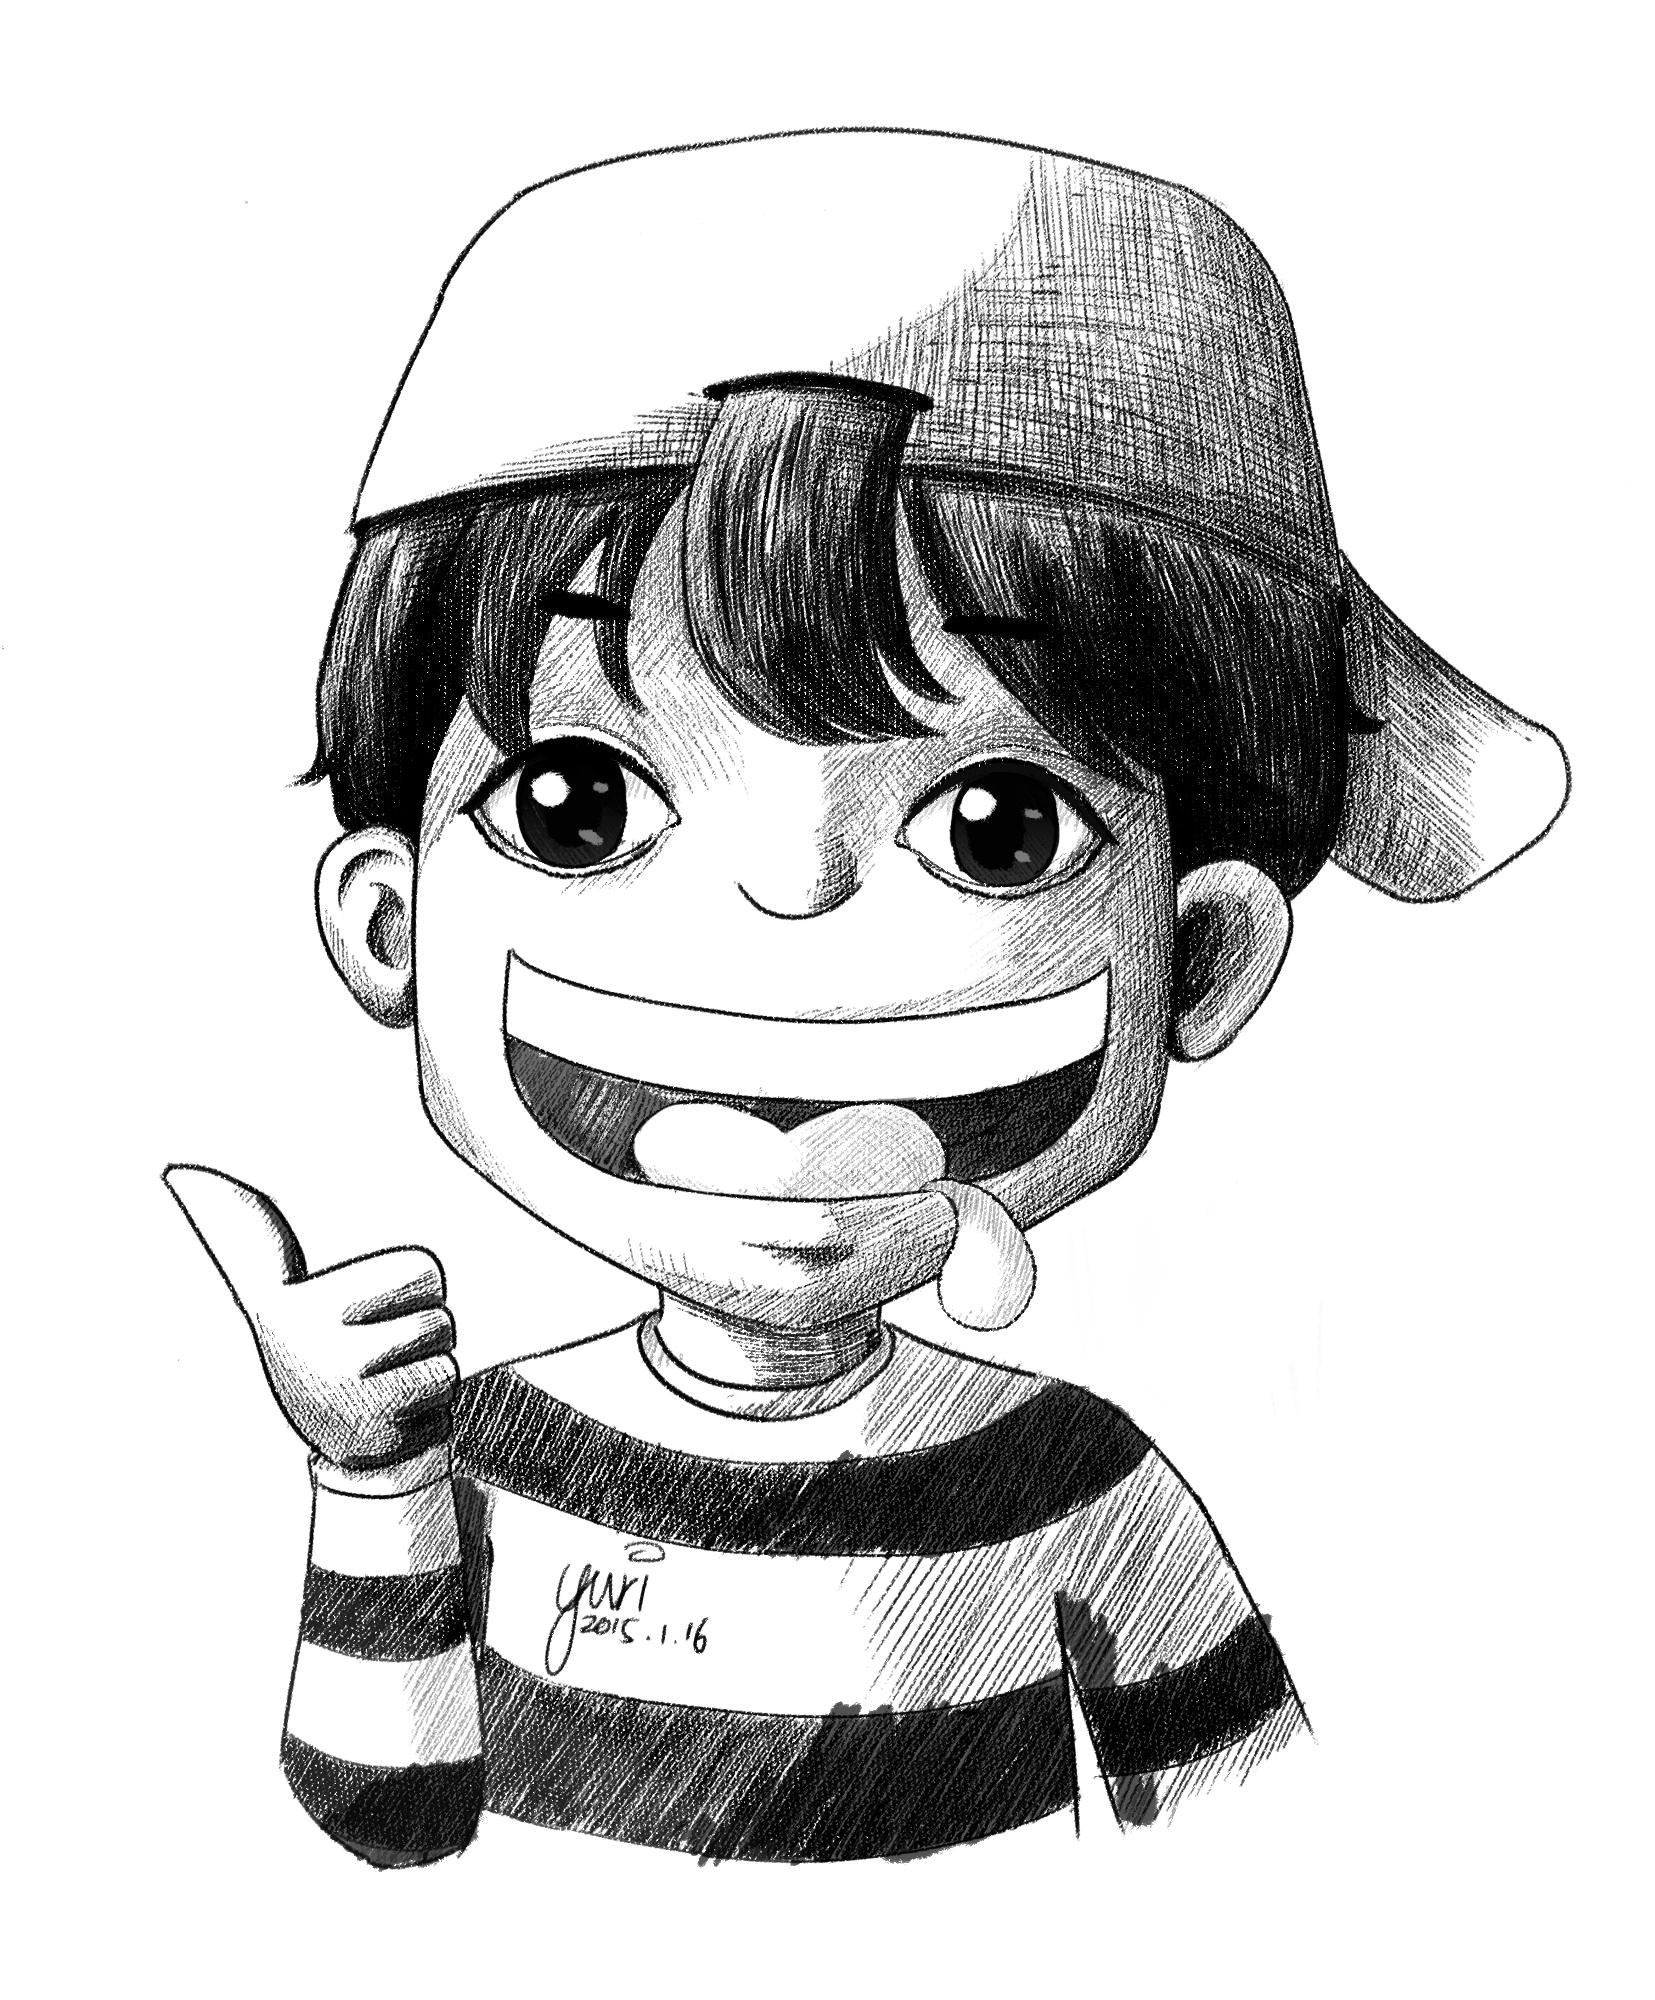 画法男生发型发型_男生动漫帅气短发_漫画人草莓发型刘图片